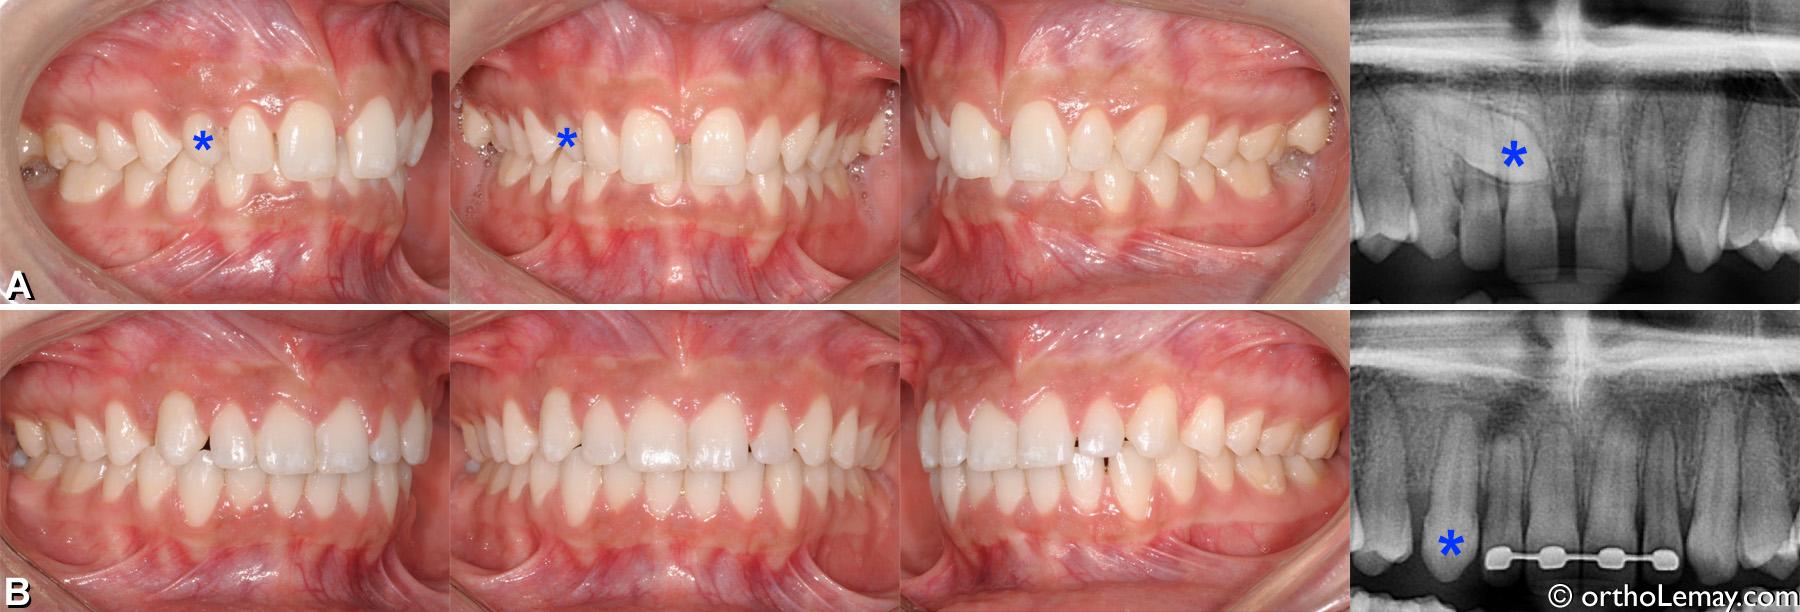 Malocclusion classe 2 division 2 adulte avec canine incluse palatine. Traitement d'orthodontie pour tracter la canine et corriger la malocclusion